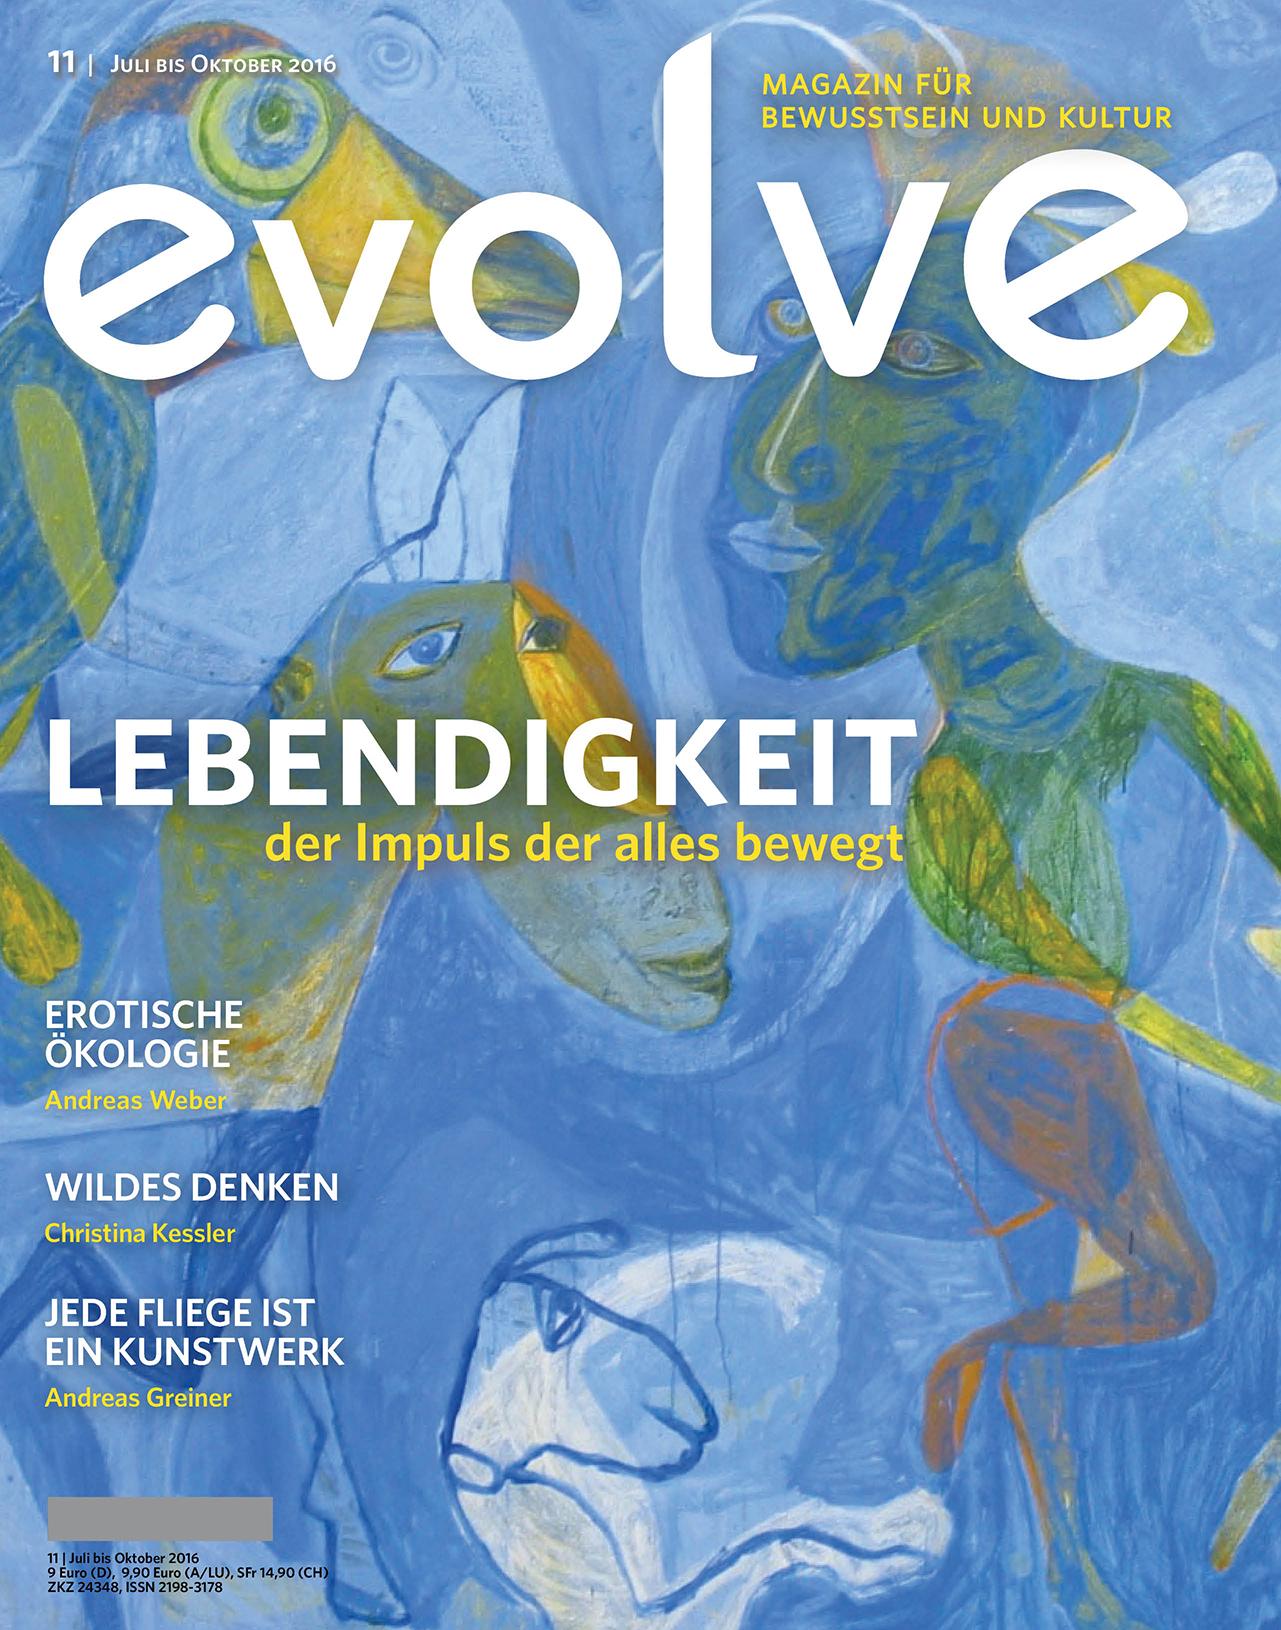 evolve11_01-U1 150dpi